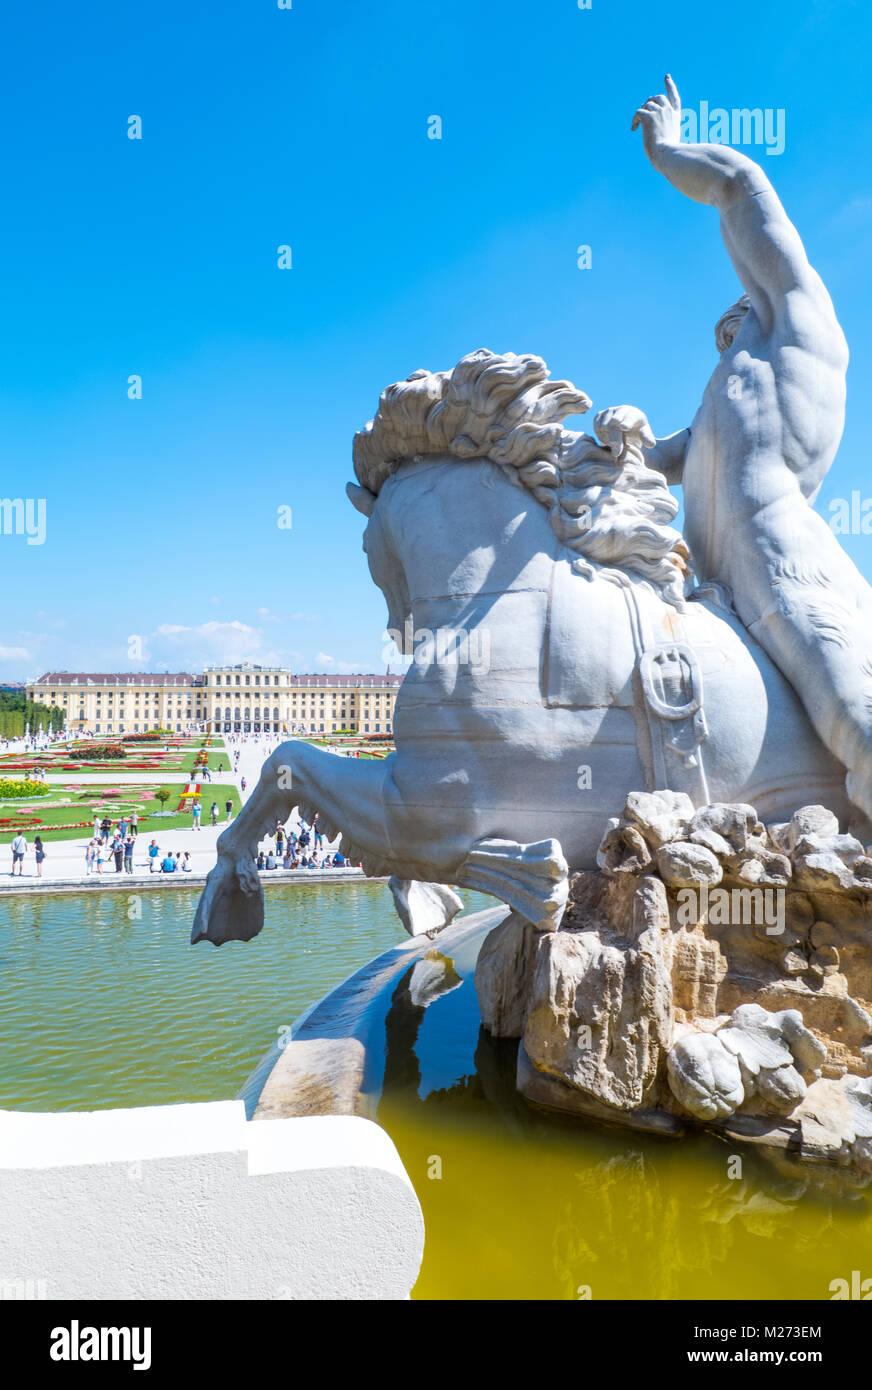 Austria, Viena, el jardín y la fachada posterior del palacio de Schonbrunn visto desde la fuente de Neptuno Imagen De Stock